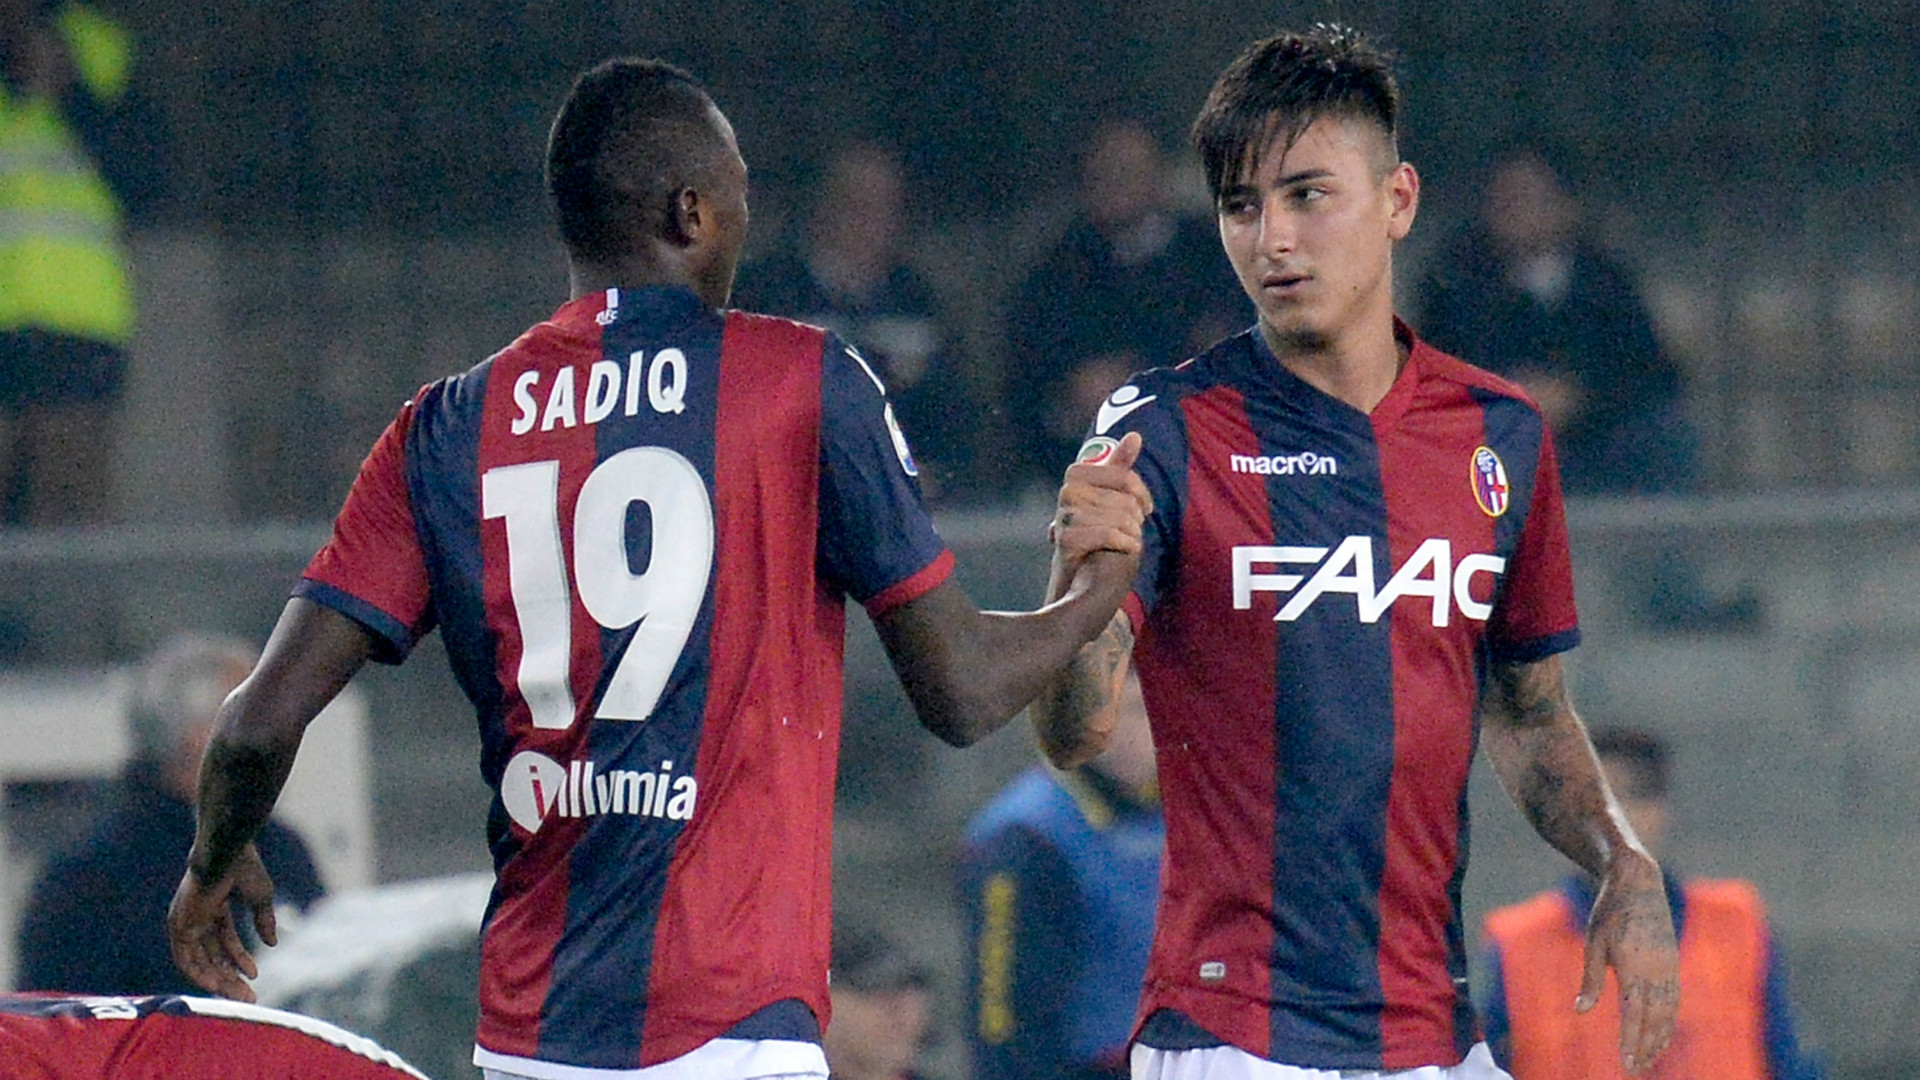 Chievo Verona - Bologna, i convocati di Donadoni: out Destro